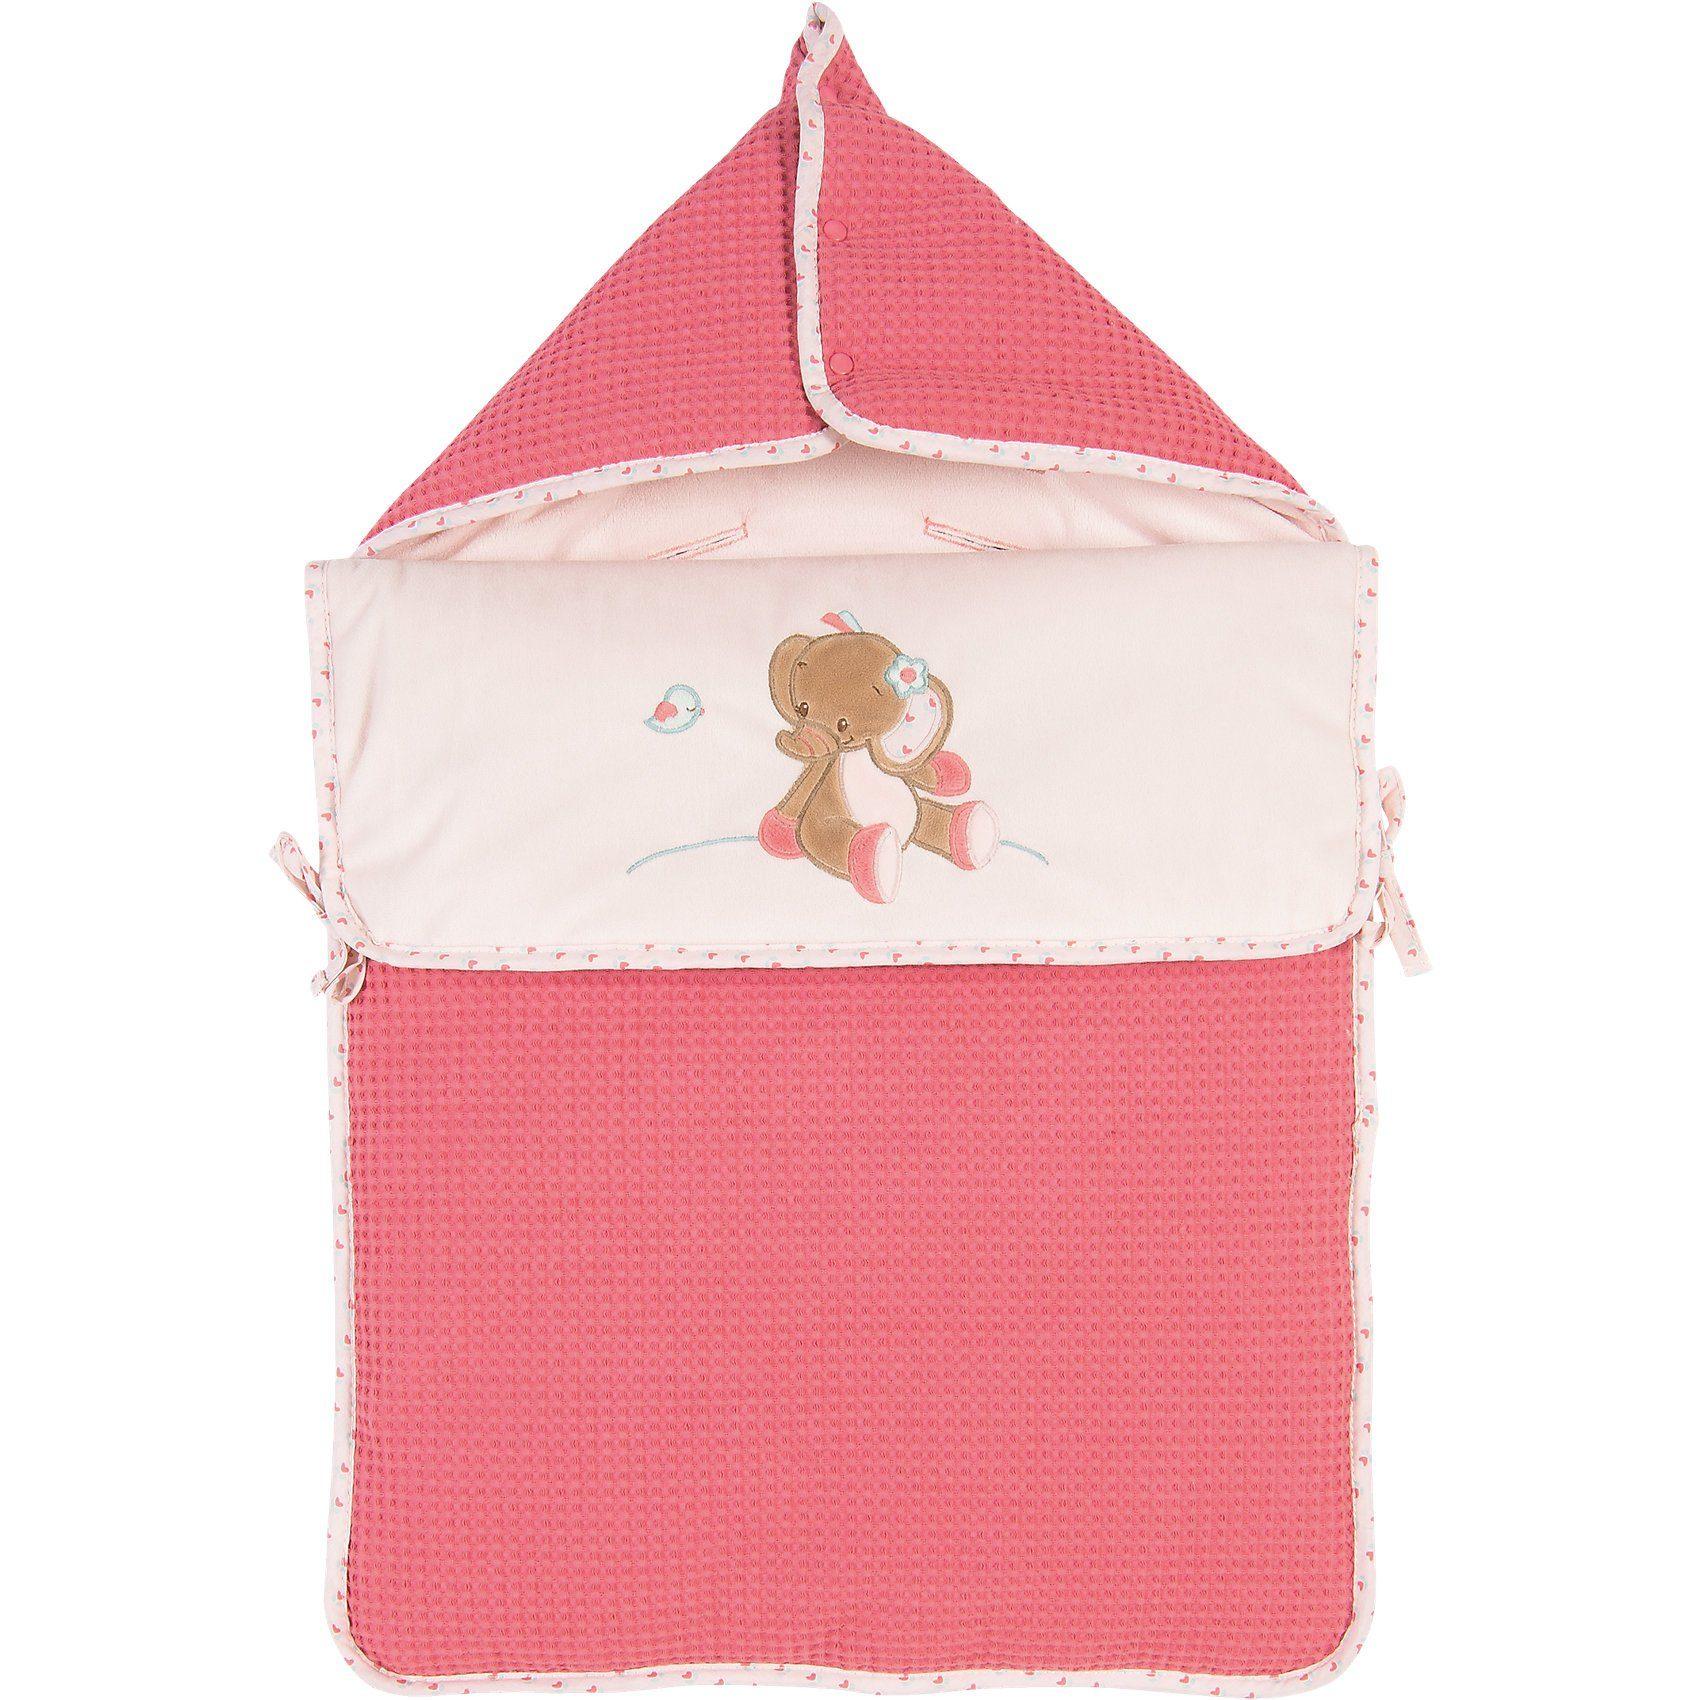 Nattou Einschlagdecke für Babyschale Elefant Rose, Charlotte & Rose